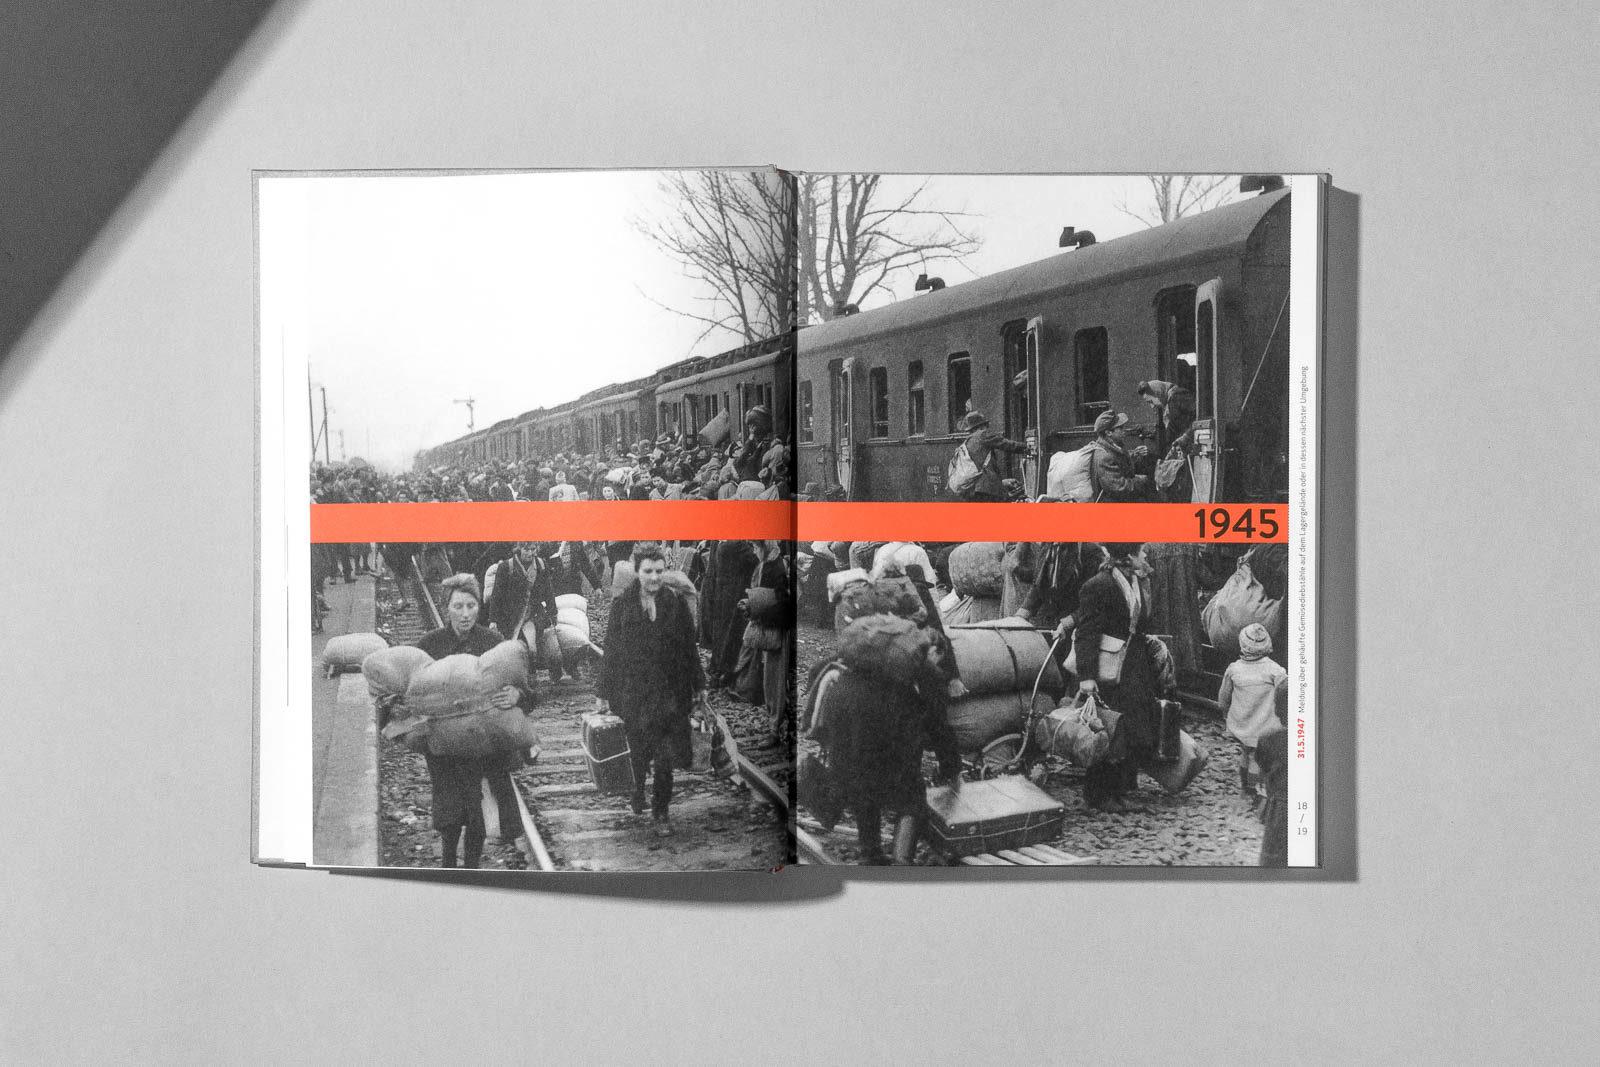 Editienne Kommunikationsdesign- Buchgestaltung für den Ausstellungskatalog 5